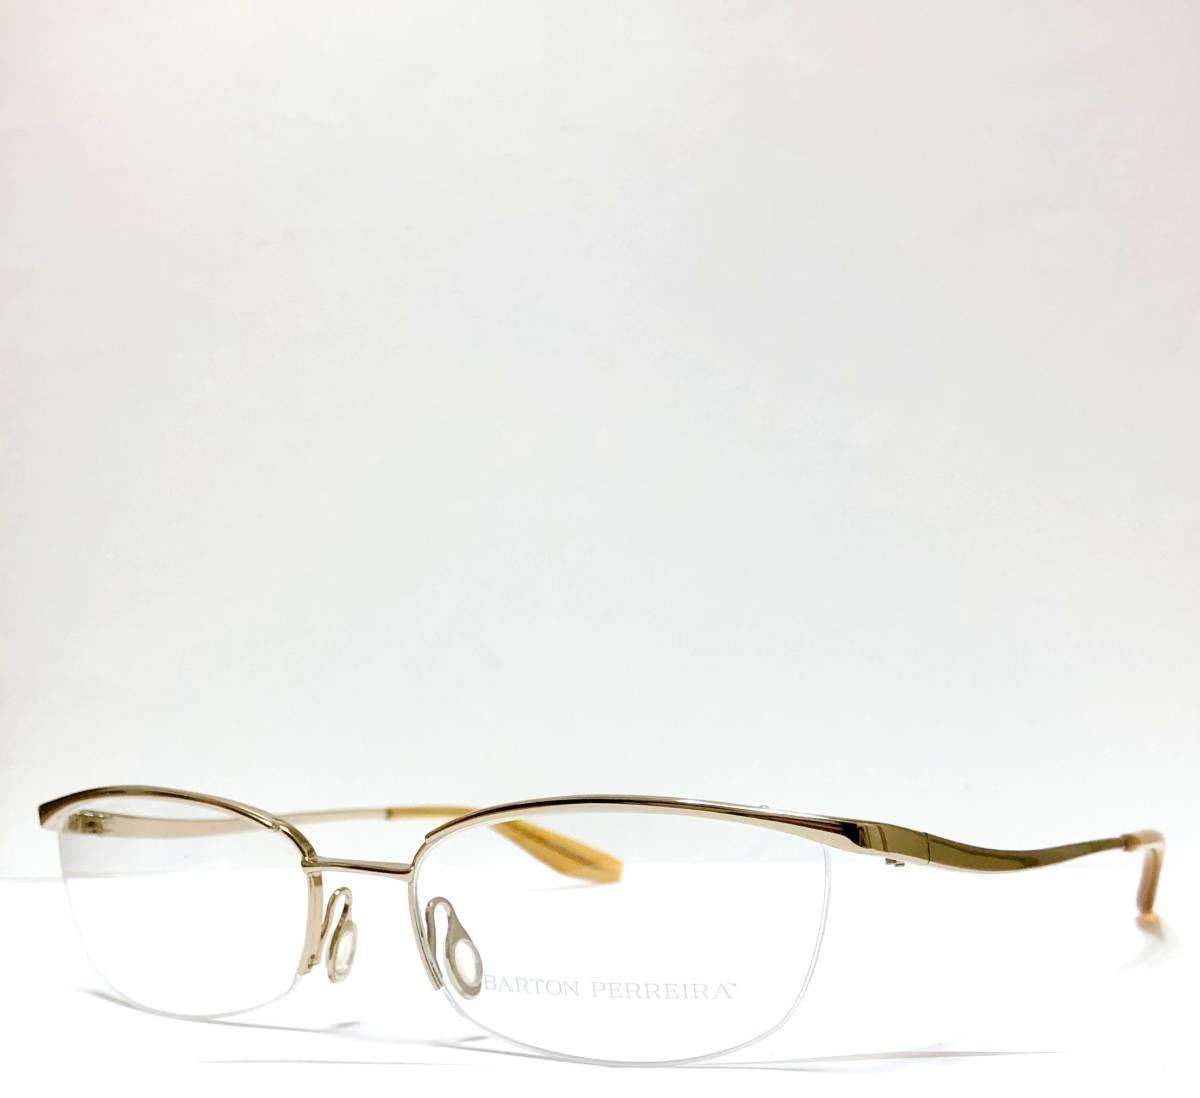 定価85800円 新品) 上流階級 バートンペレイラ ミア Barton Perreira 極上品 純正メガネ 付属品付き 金色 日本製 米国ブランド_画像3